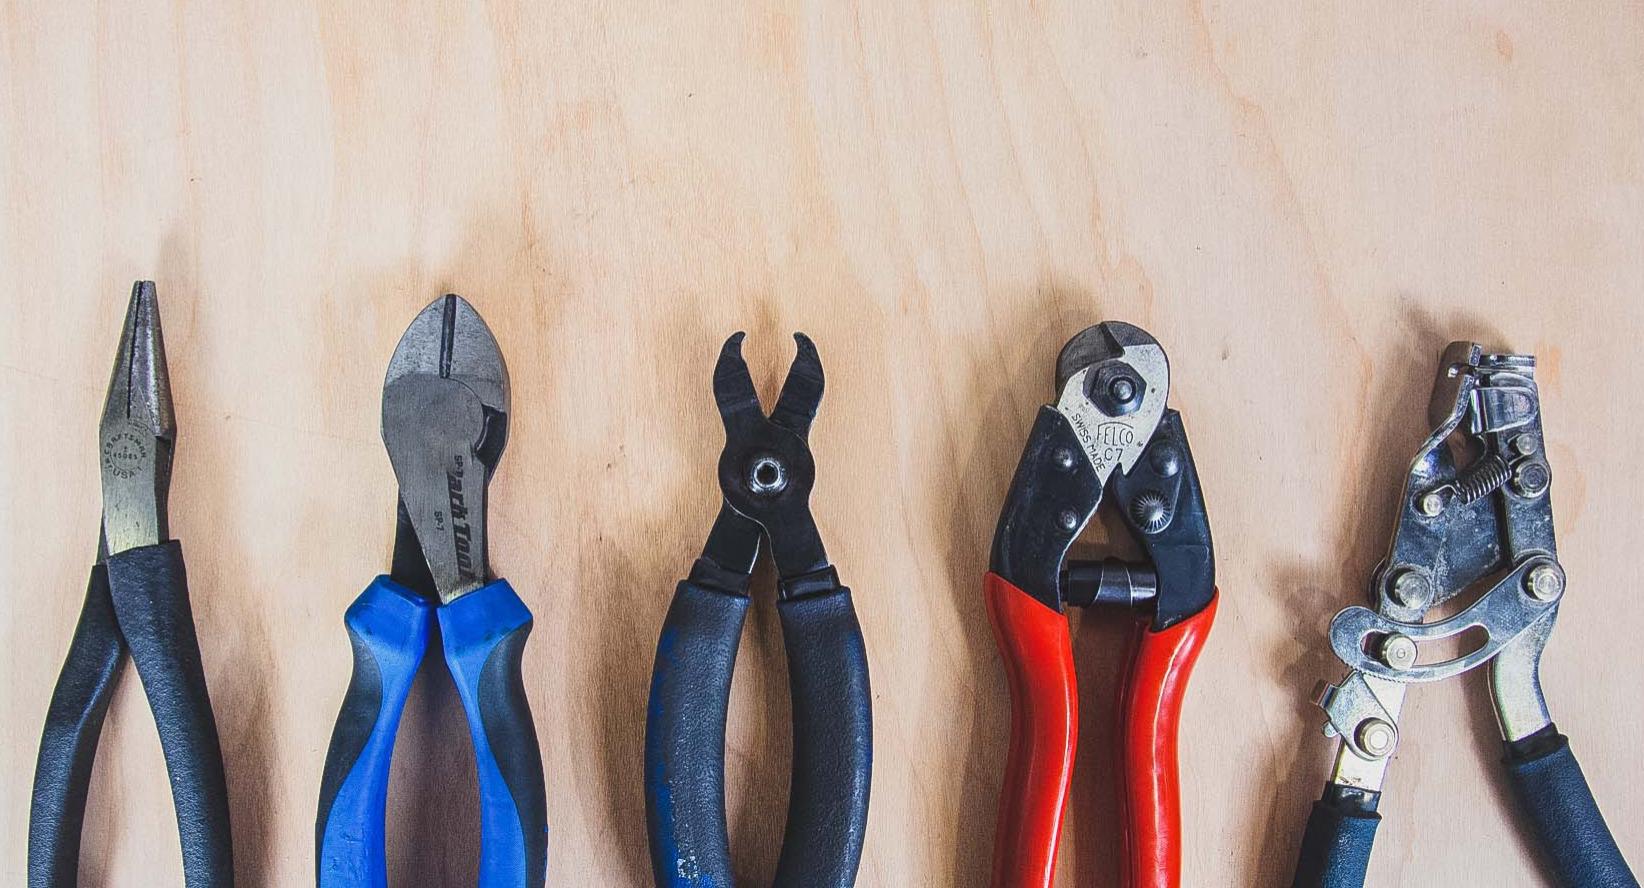 Mountain Bike Repair Tools